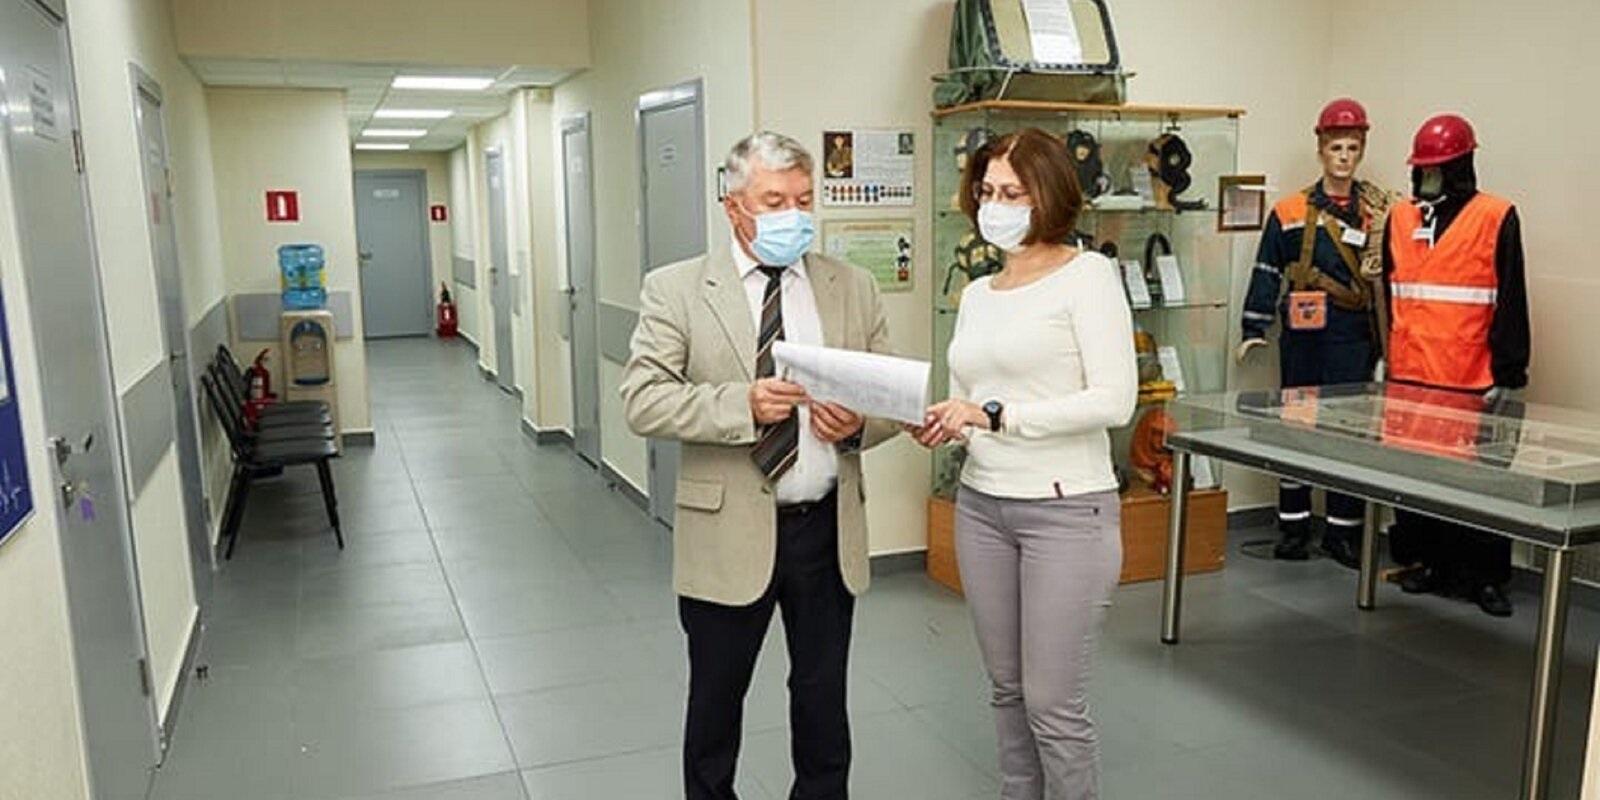 В Учебно-методическом центре ГО и ЧС за ноябрь прошли обучение около трех тысяч специалистов